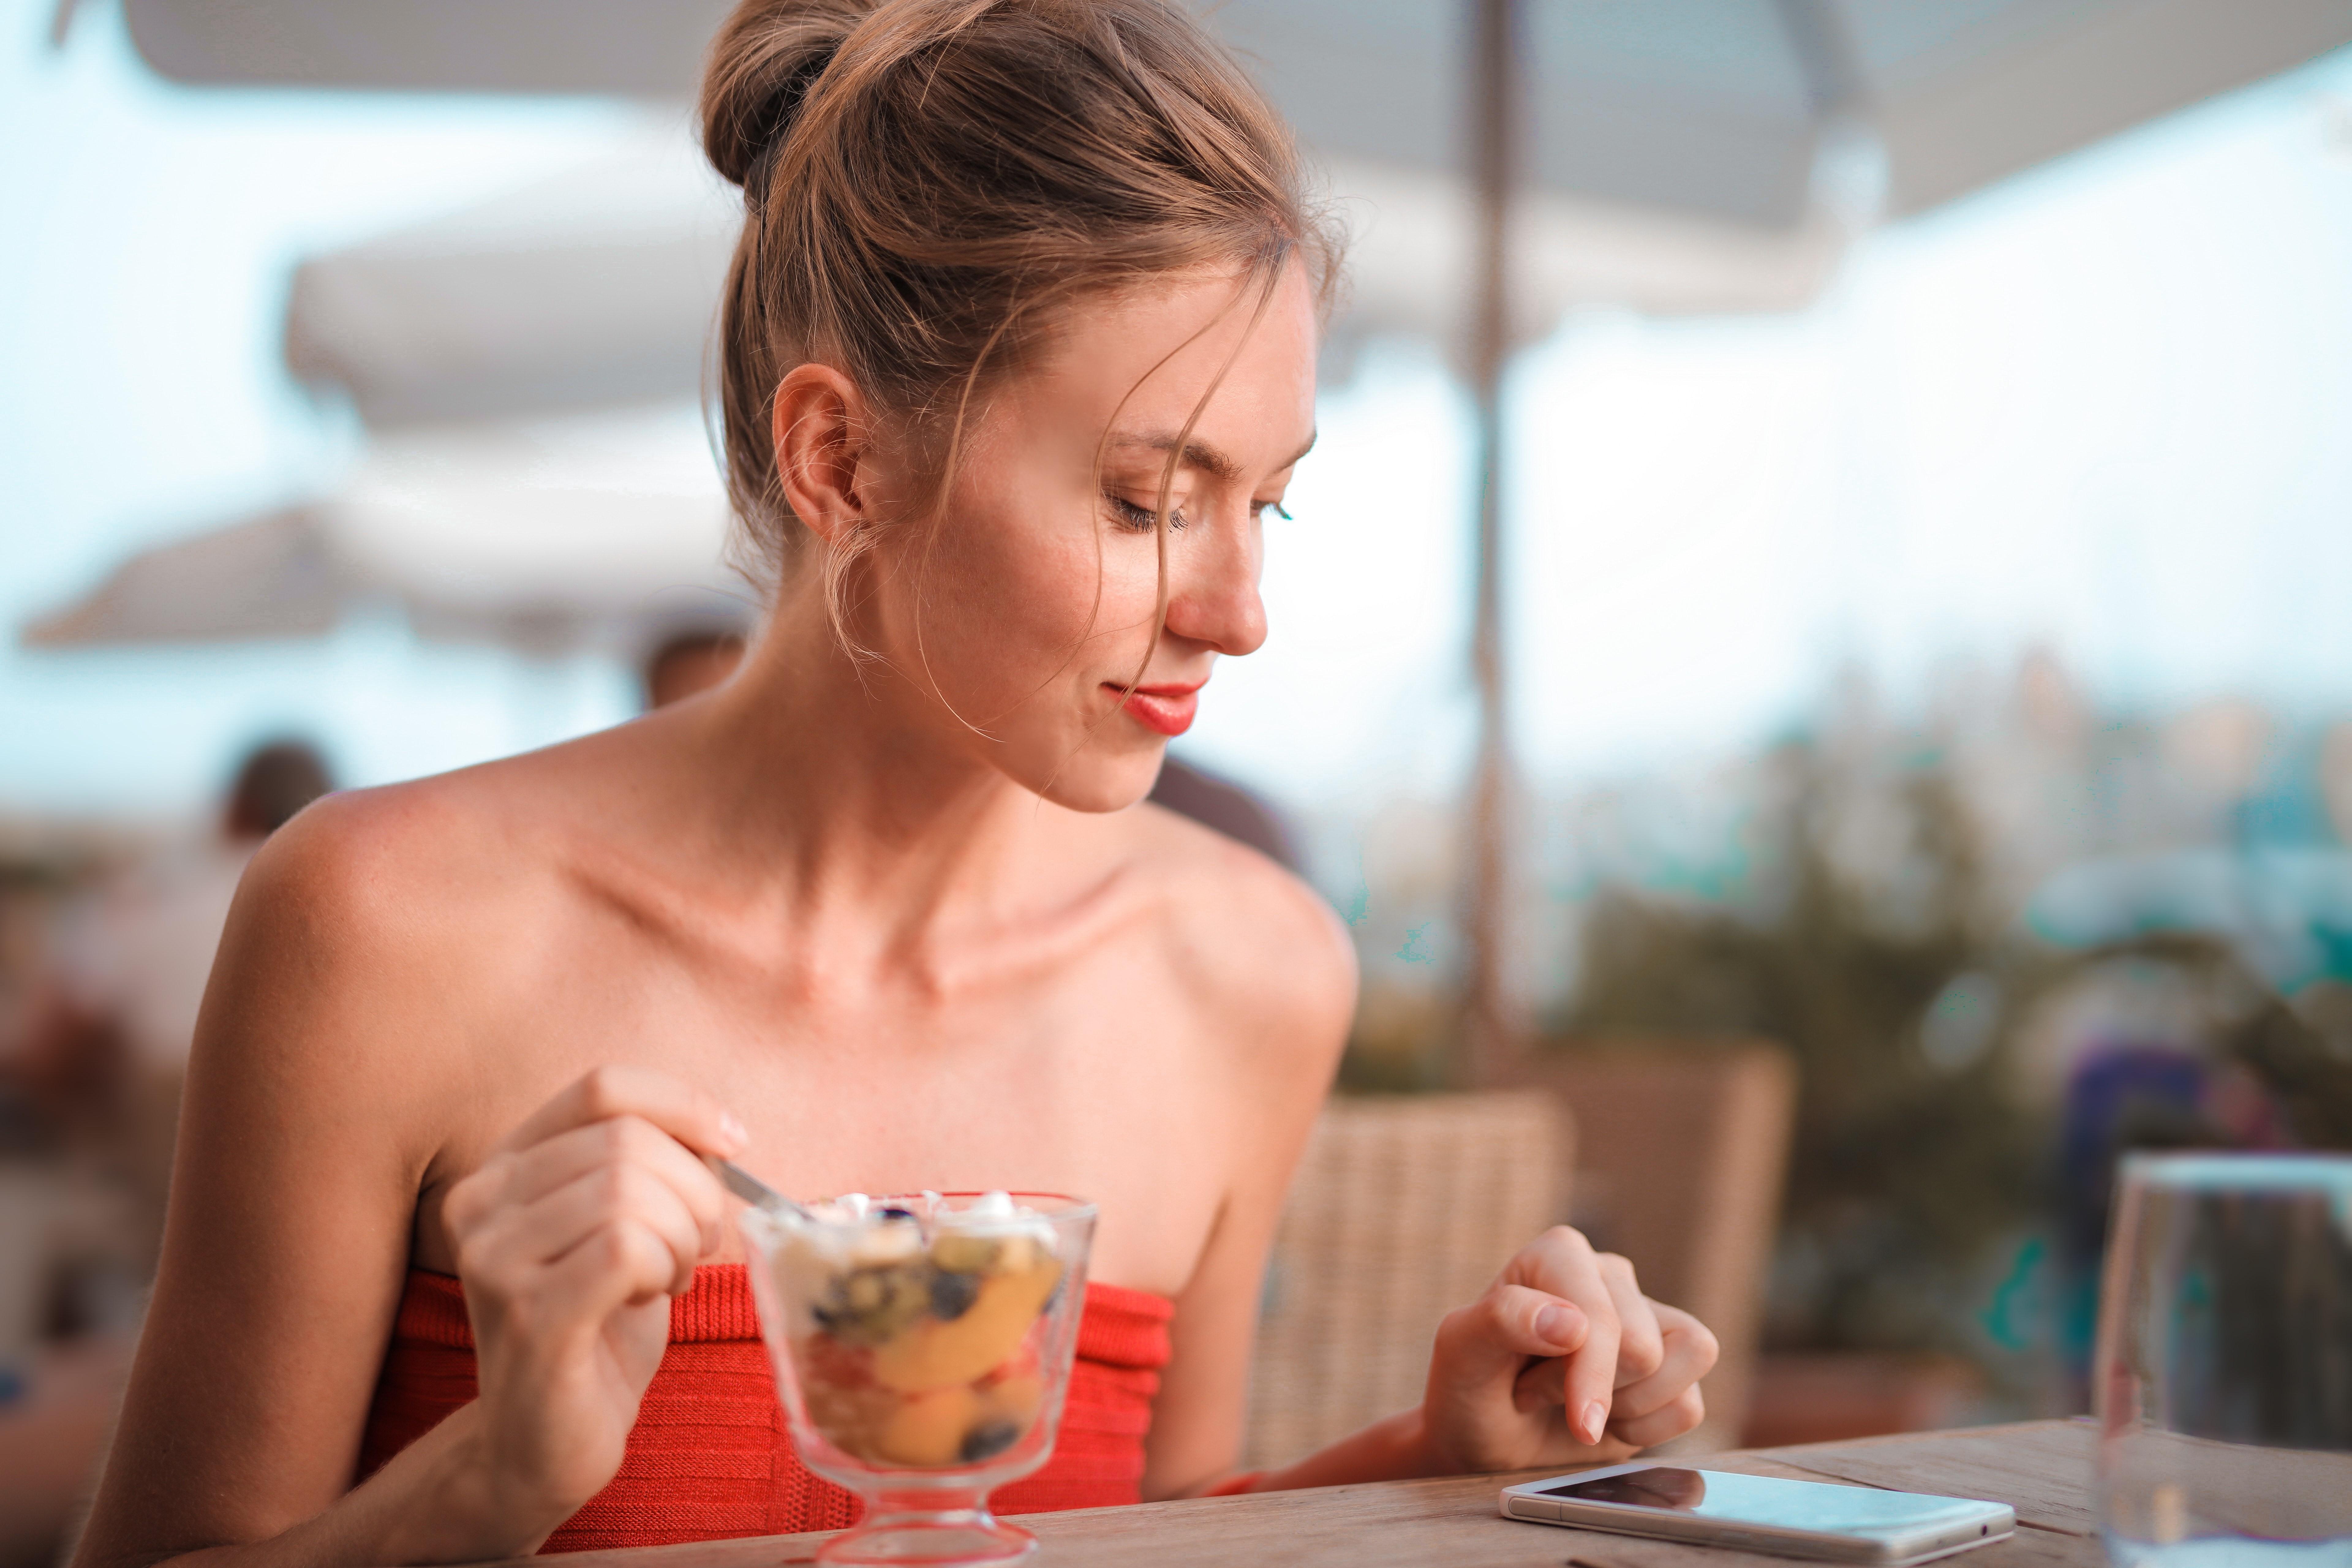 10 вещей, которые можно сделать прямо сейчас, вместо того, чтобы написывать ему в соцсетях